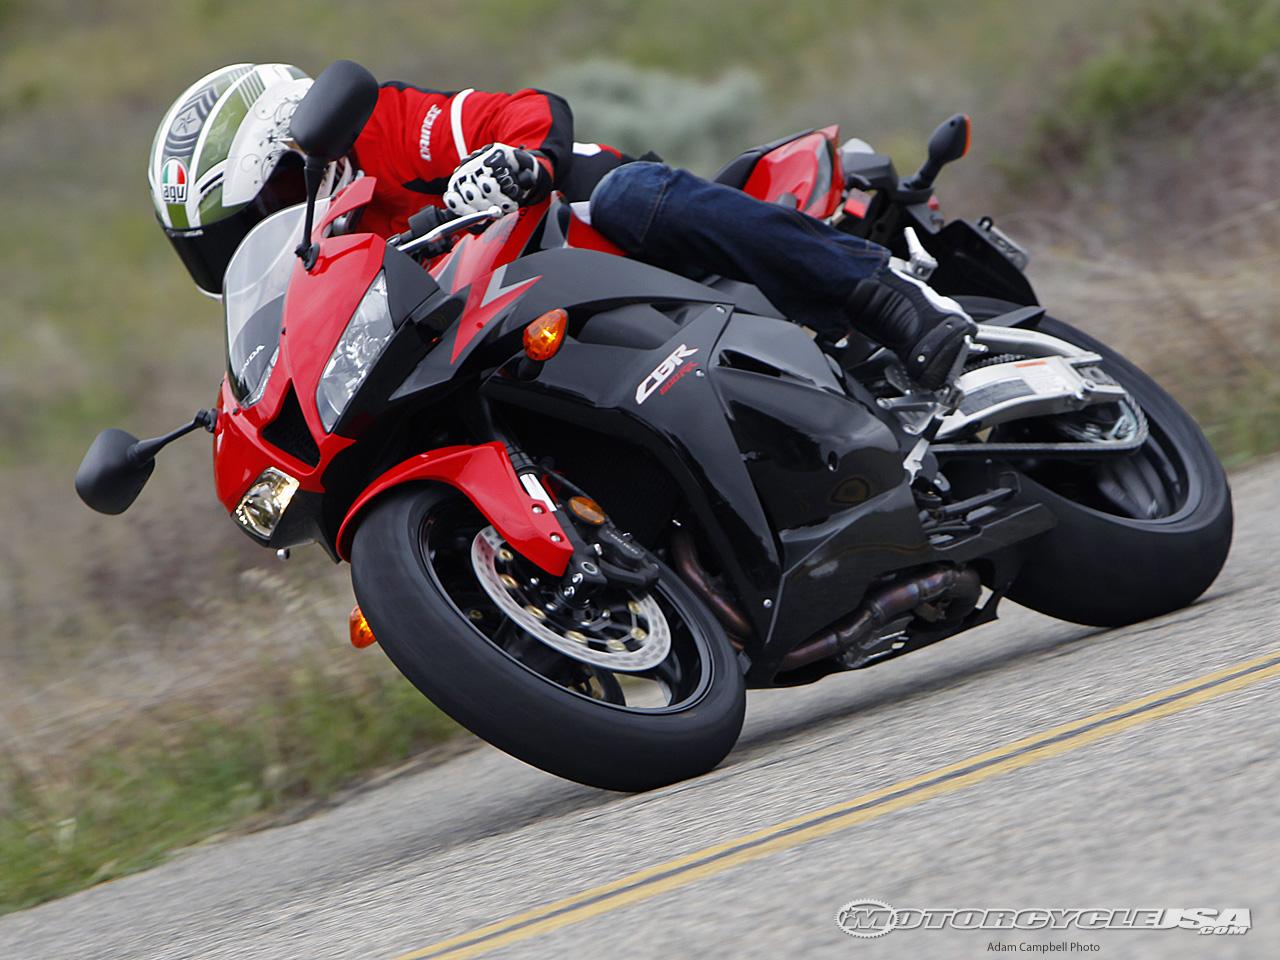 【本田cbr600rr摩托车图片】本田摩托车图片大全 机车网